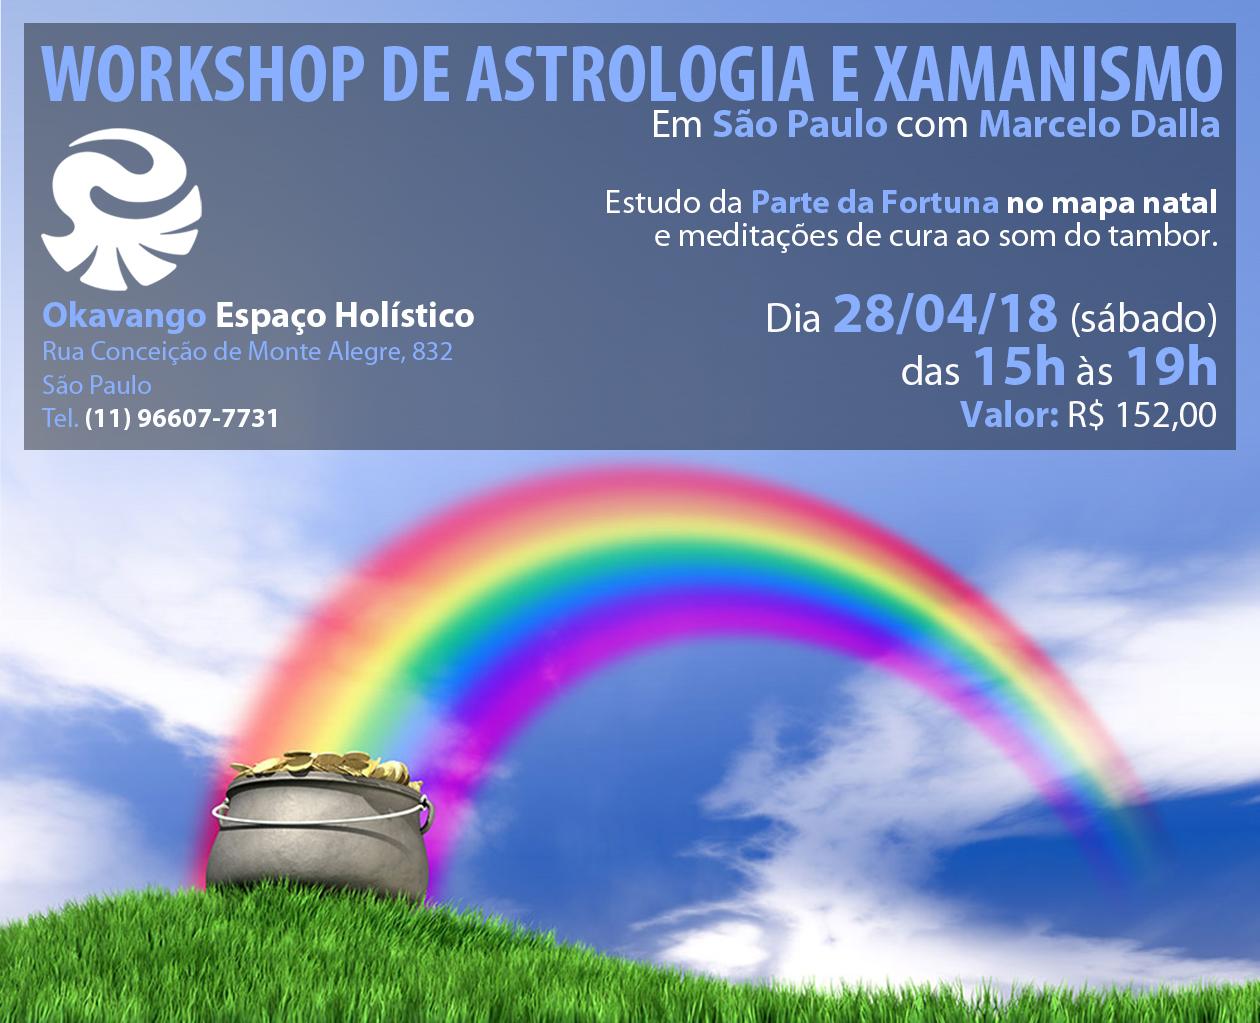 Astrologia e Xamanismo